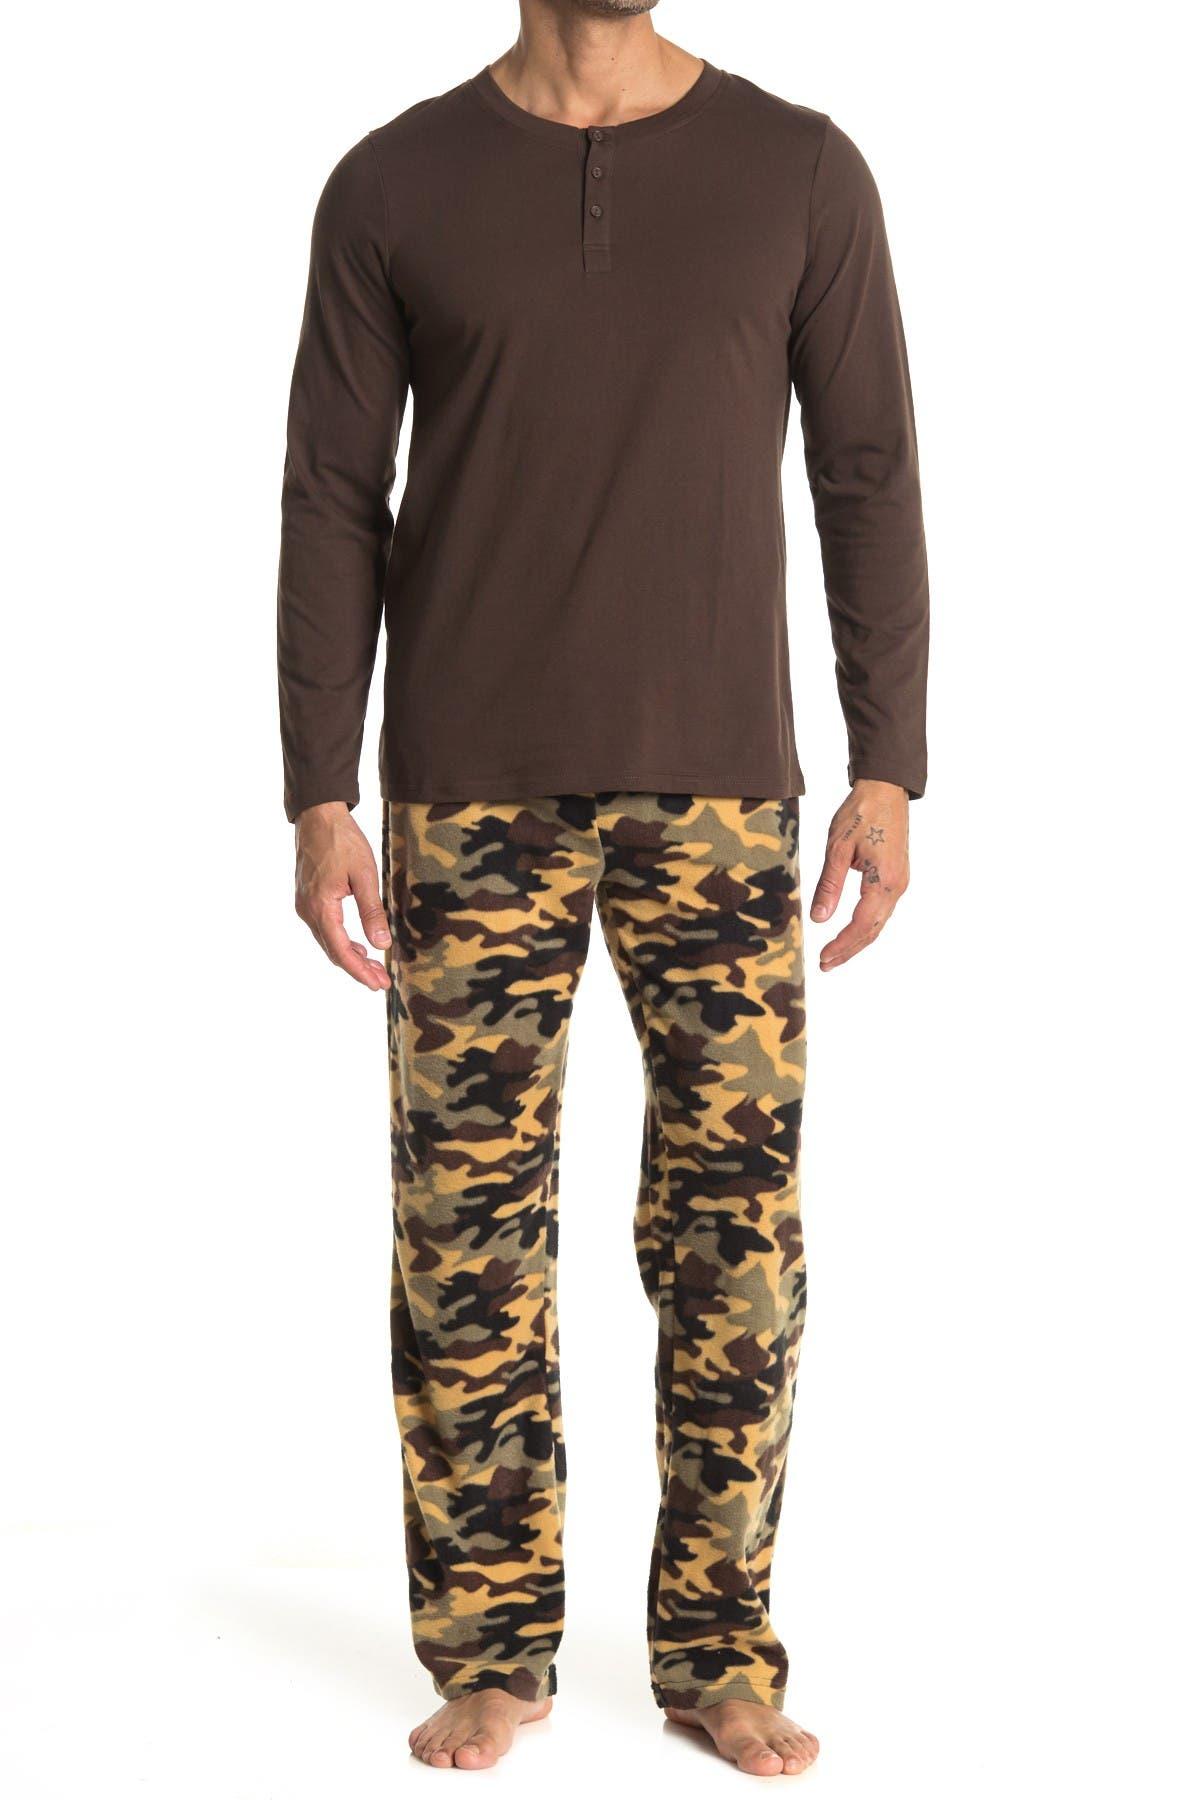 Image of Cherokee Patterned 2-Piece Pajama Set